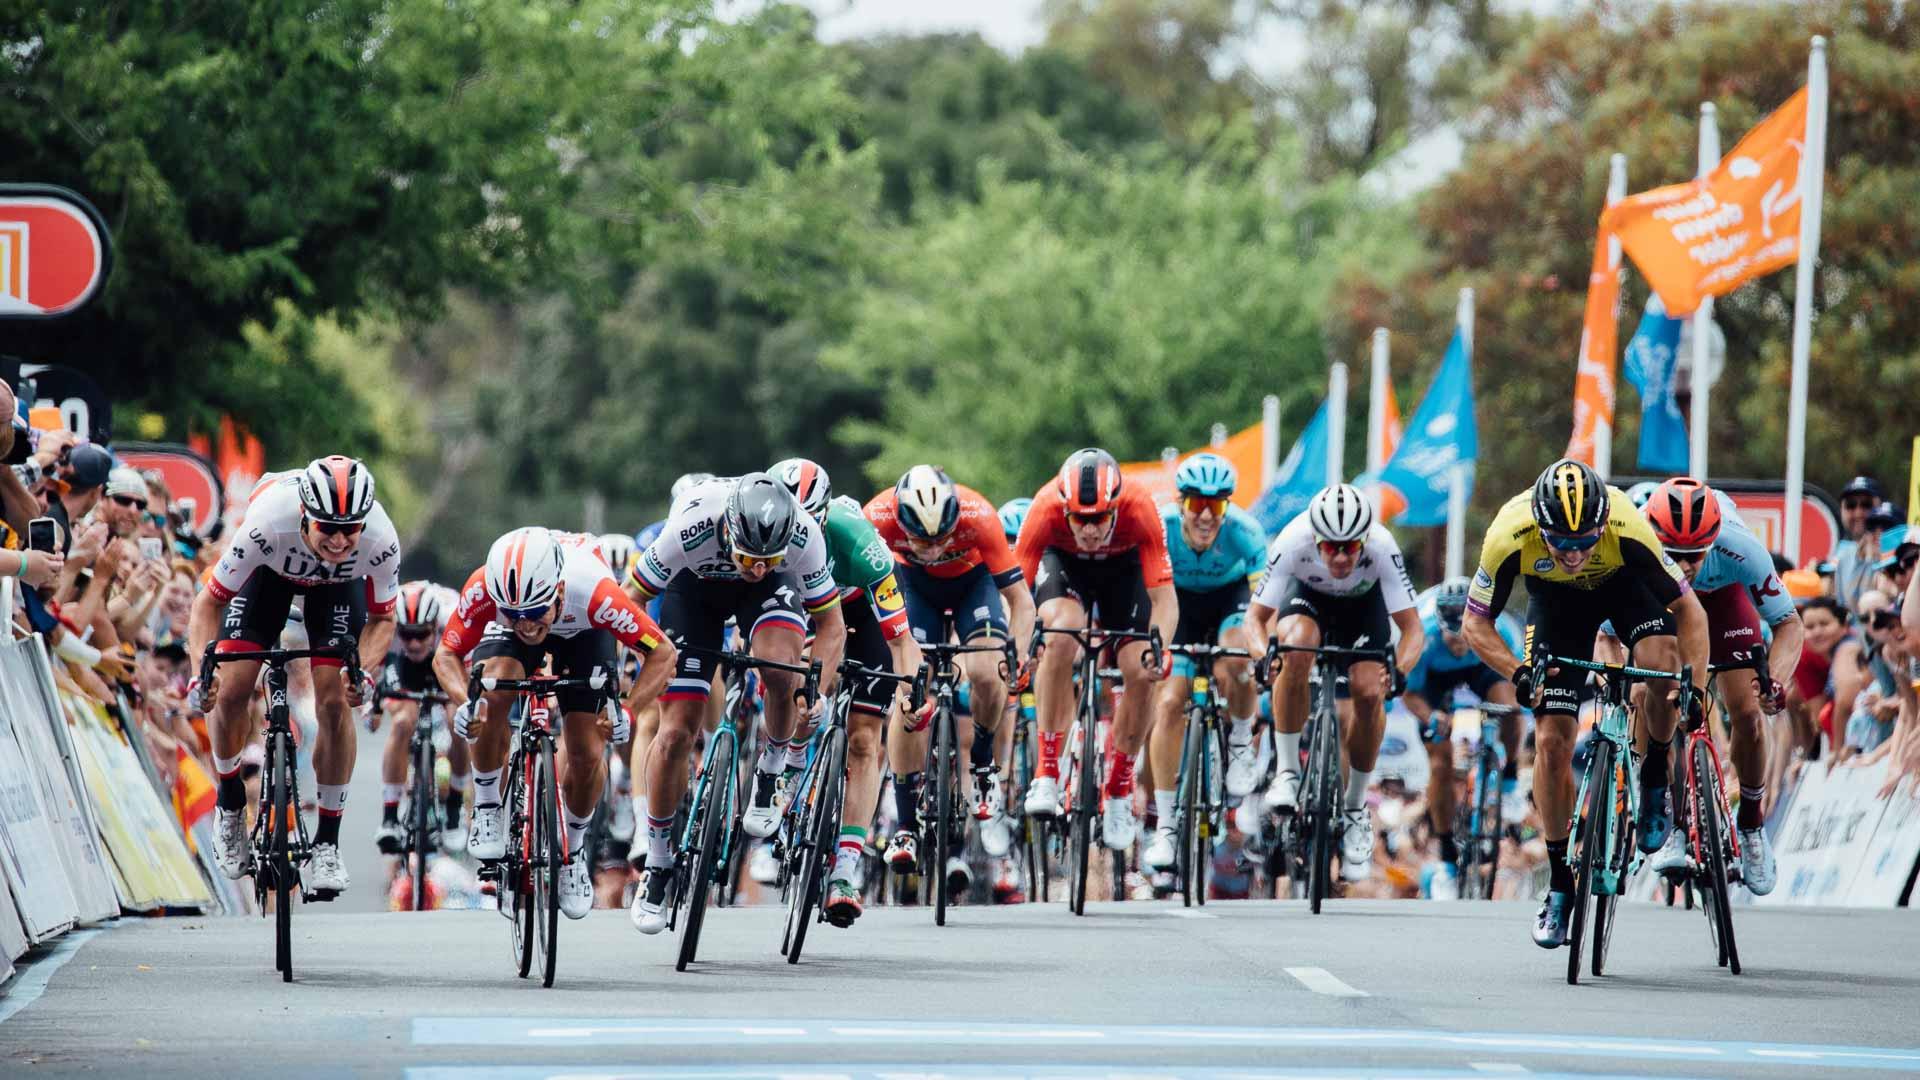 AP6I8671 - El calendario ciclista se resiente por la COVID